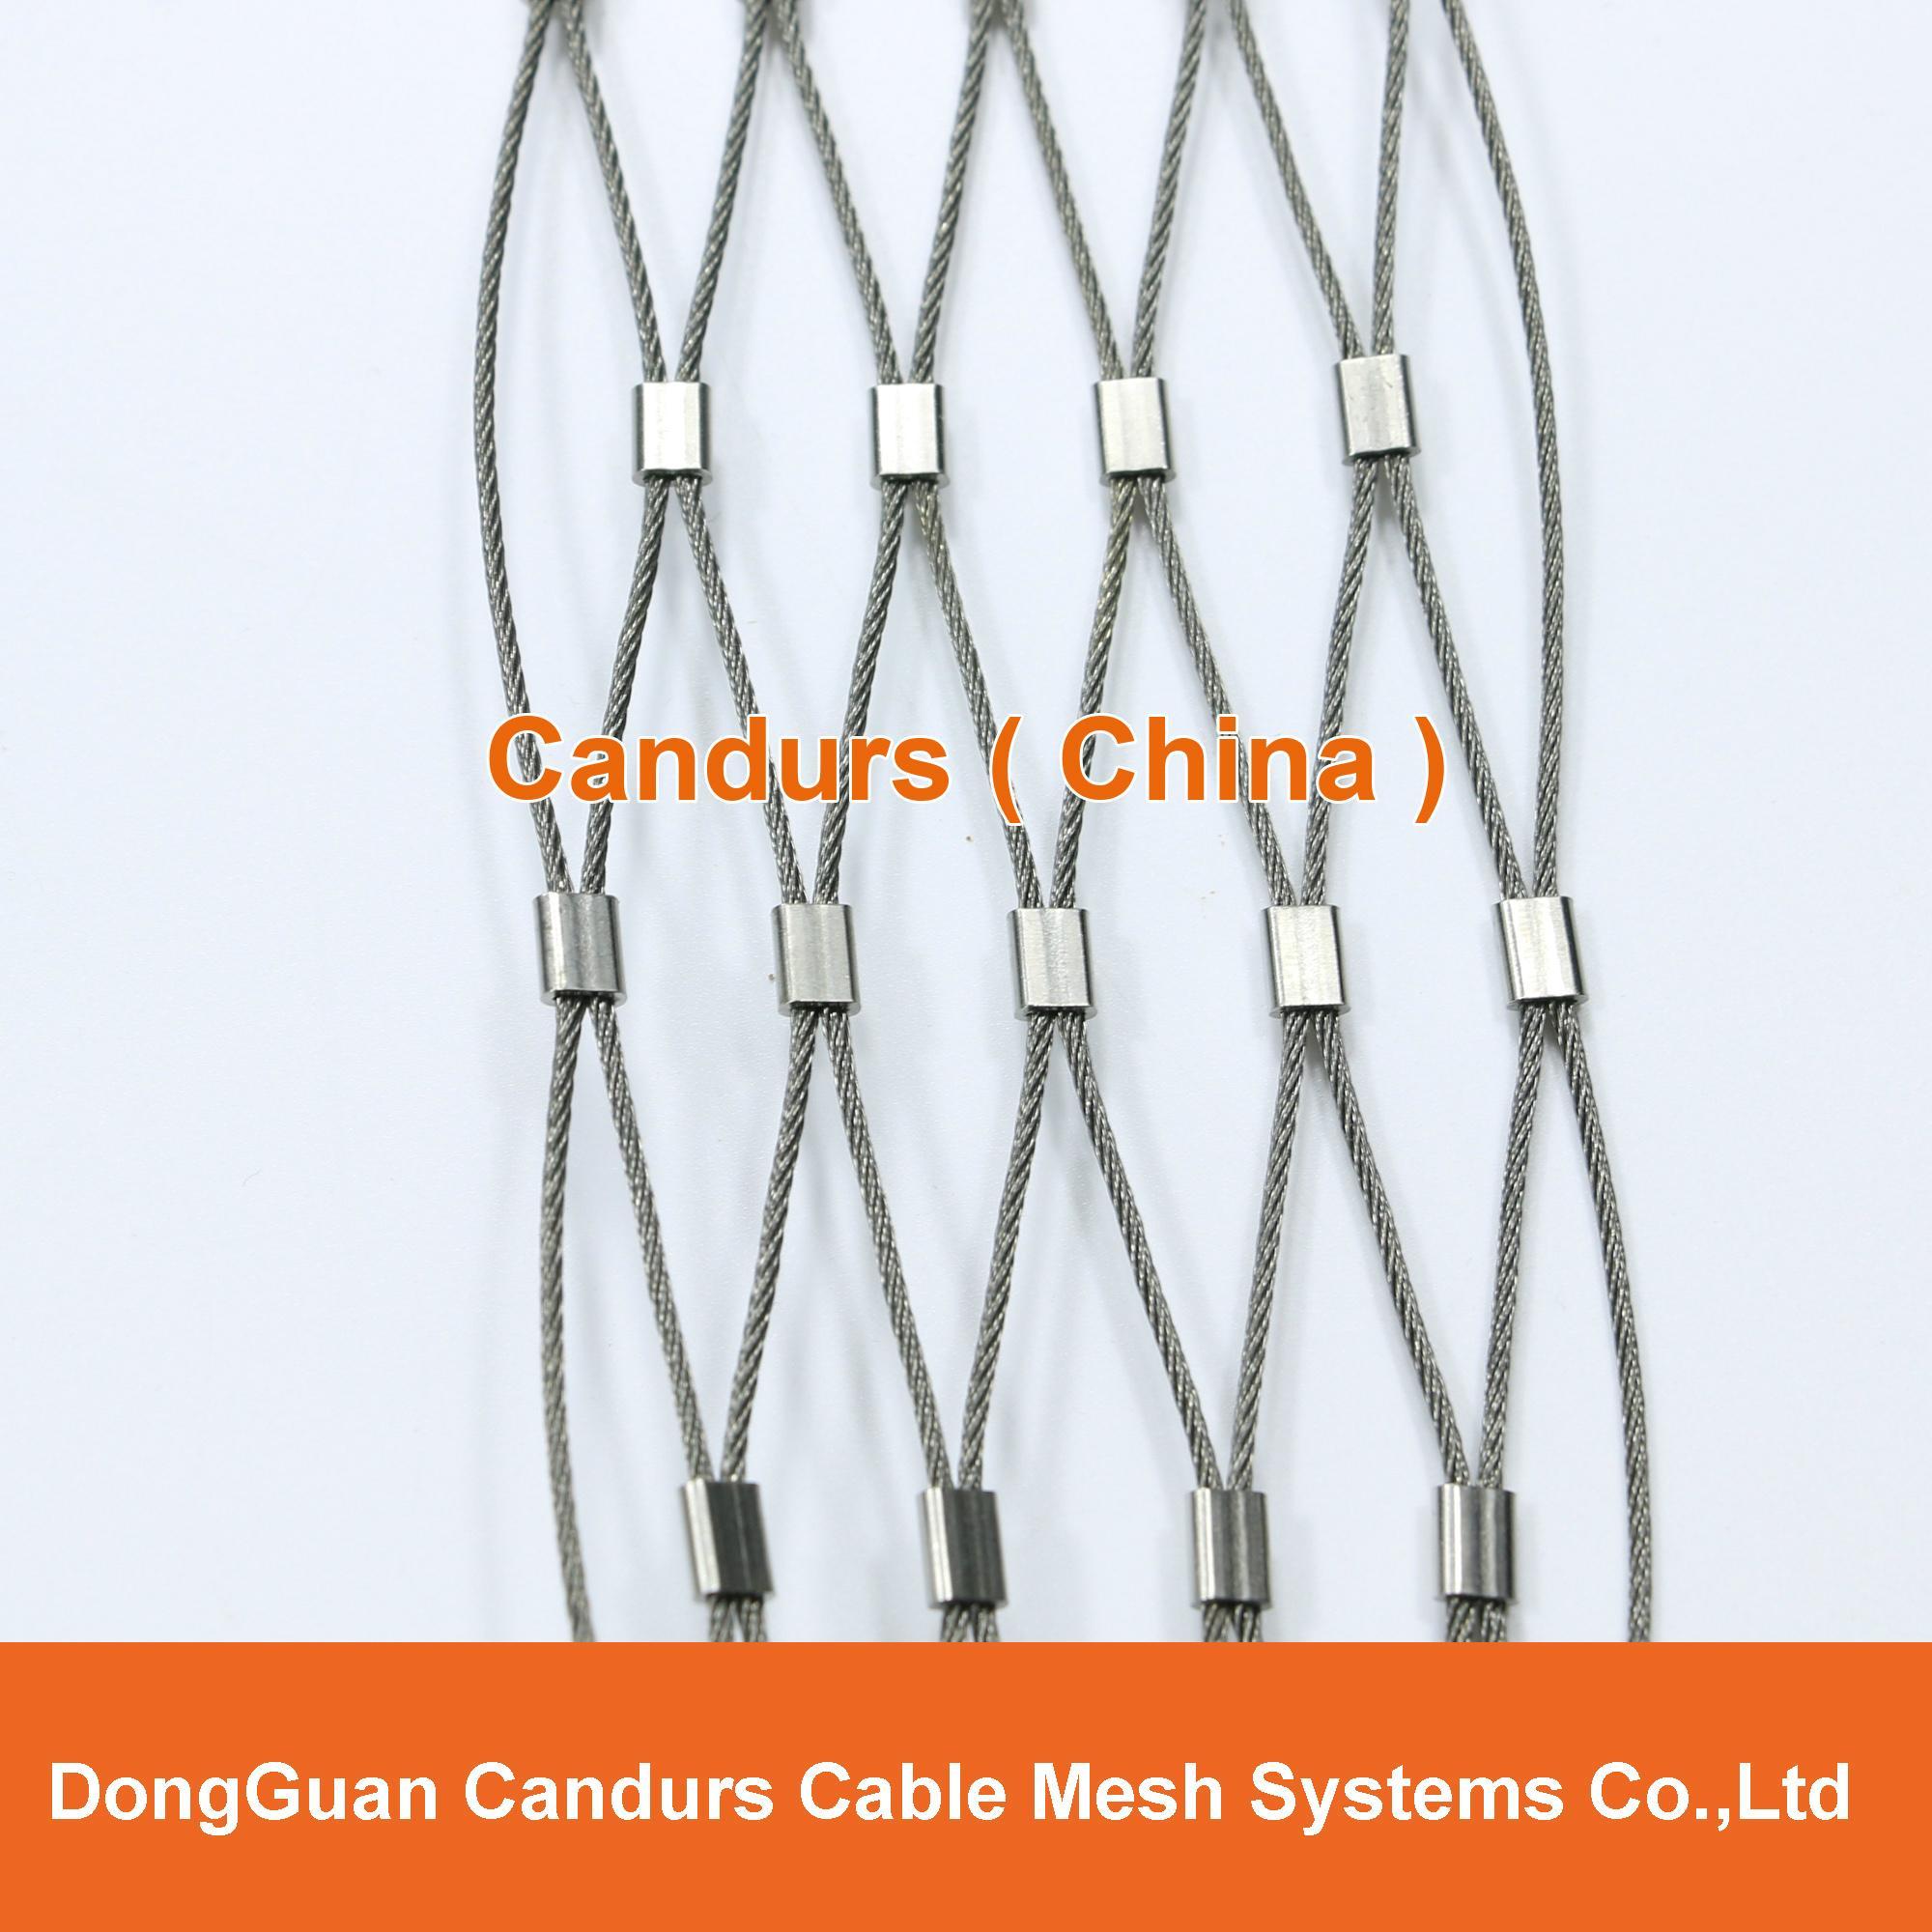 供應不鏽鋼壓扣鋼絲繩網 12